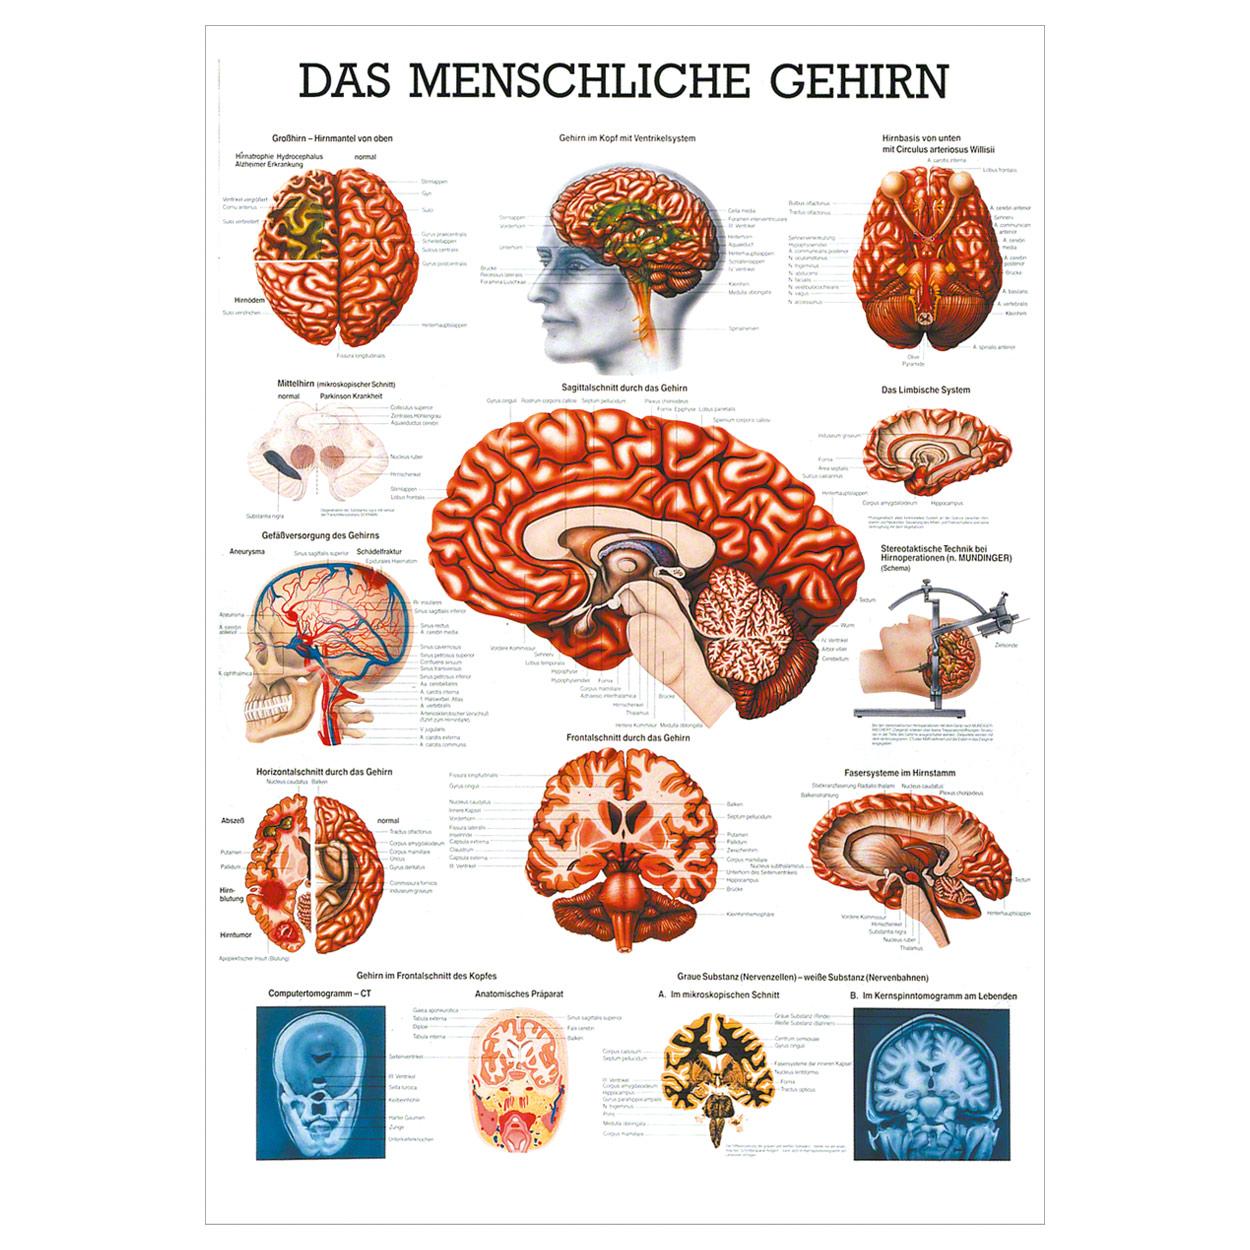 Ausgezeichnet Anatomie Des Gehirns Malvorlagen Fotos - Anatomie ...